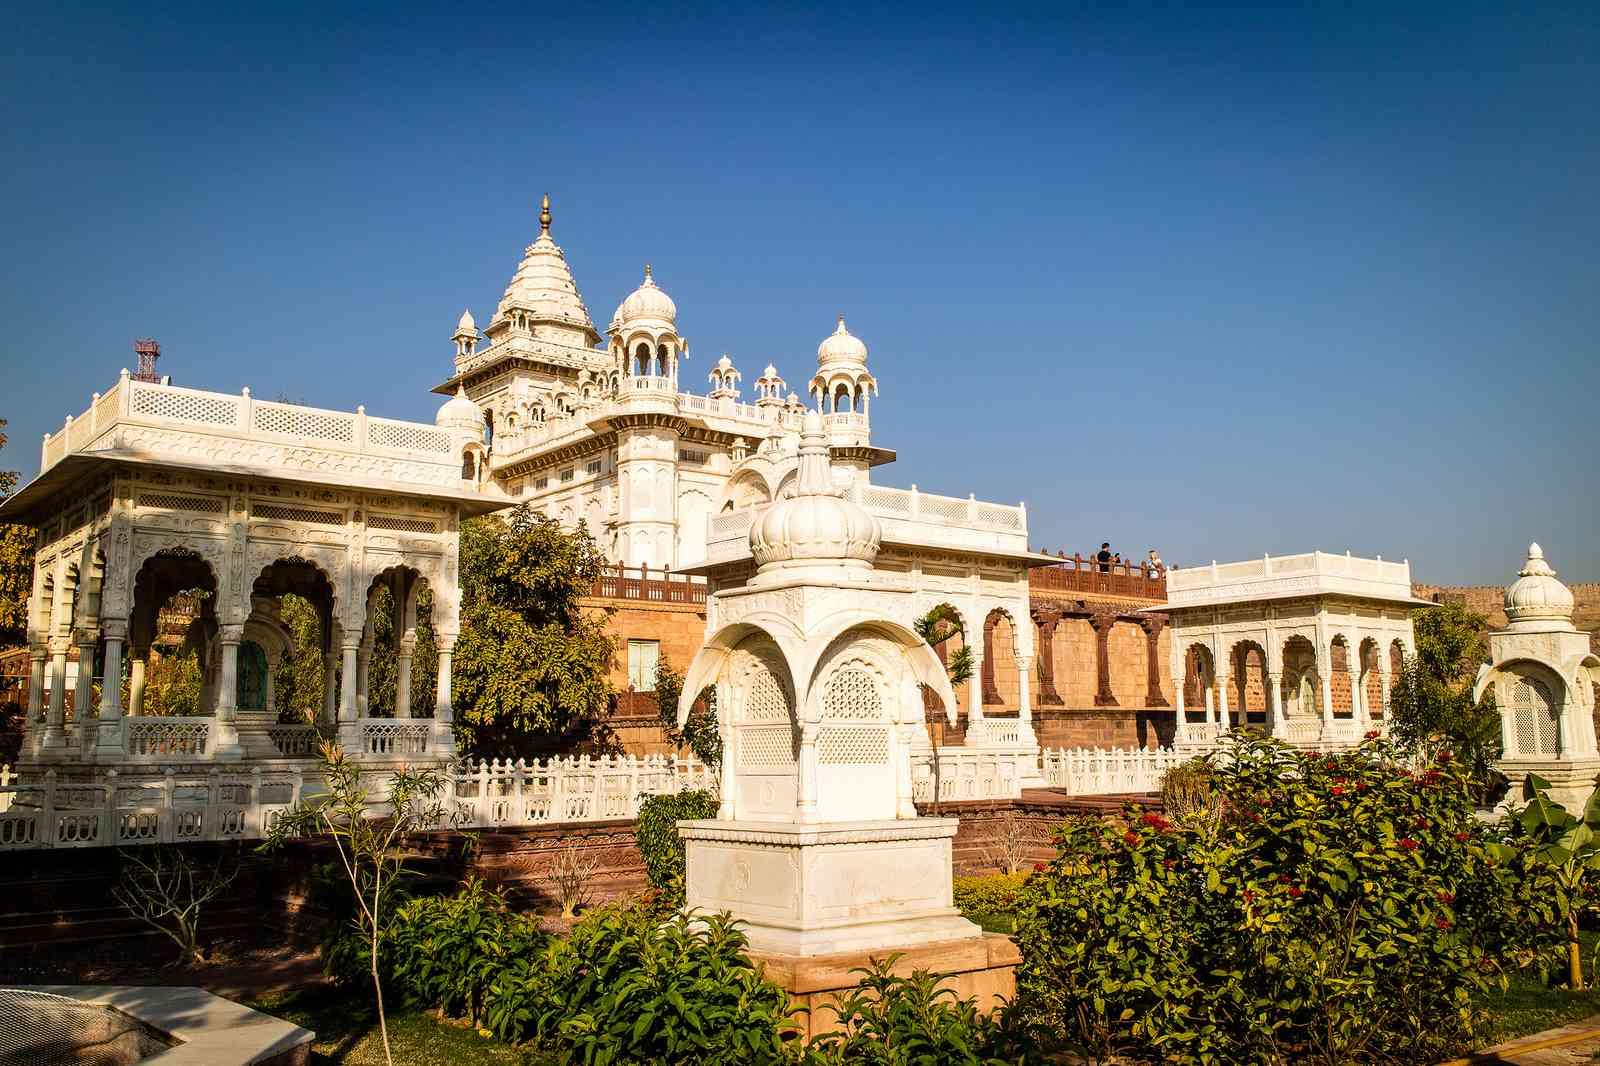 Jaswant Thoda, Jodhpur